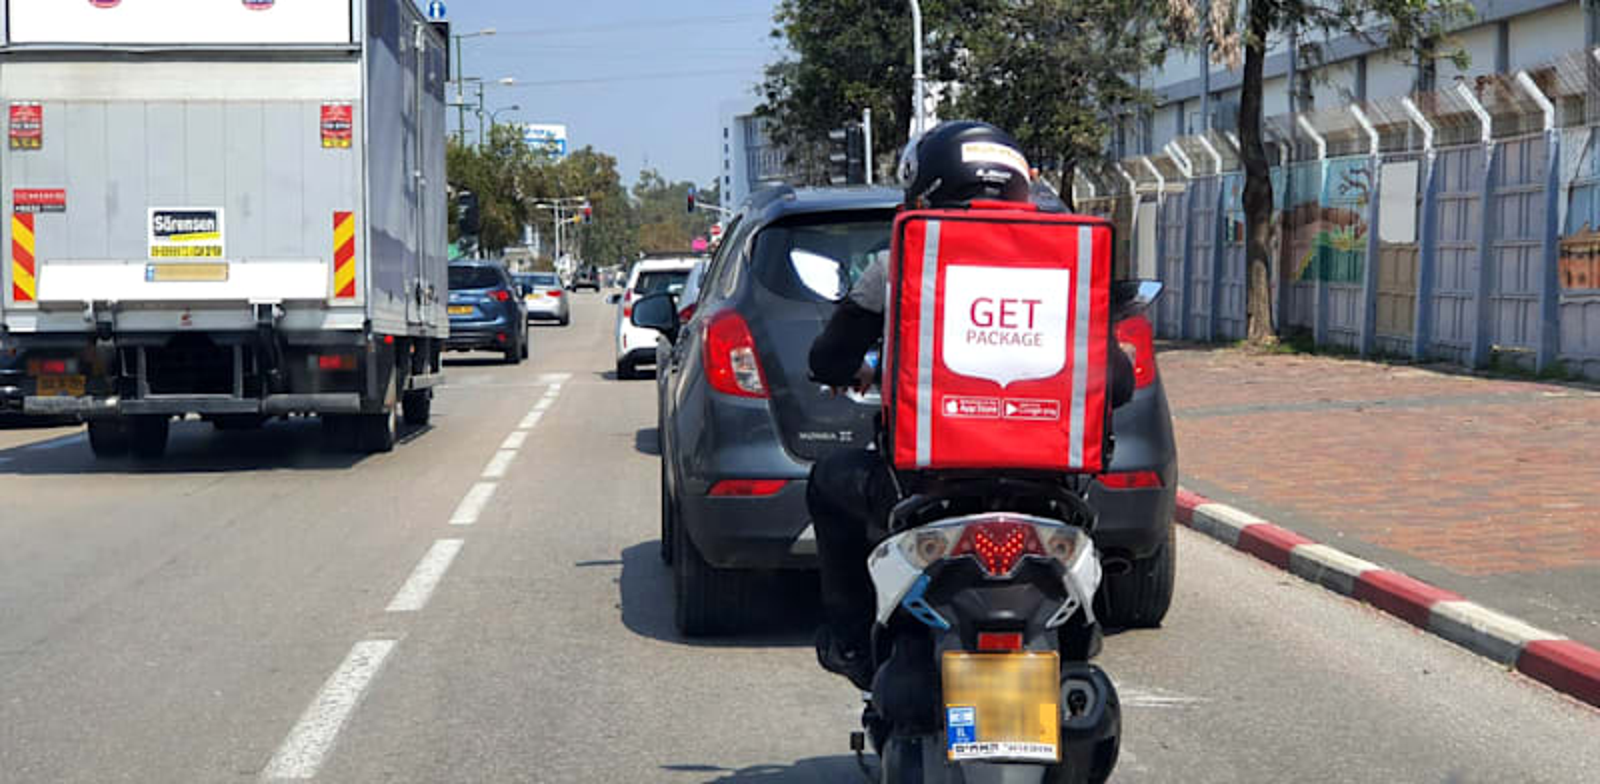 חברת המשלוחים GetPackage / צילום: באדיבות GetPackage